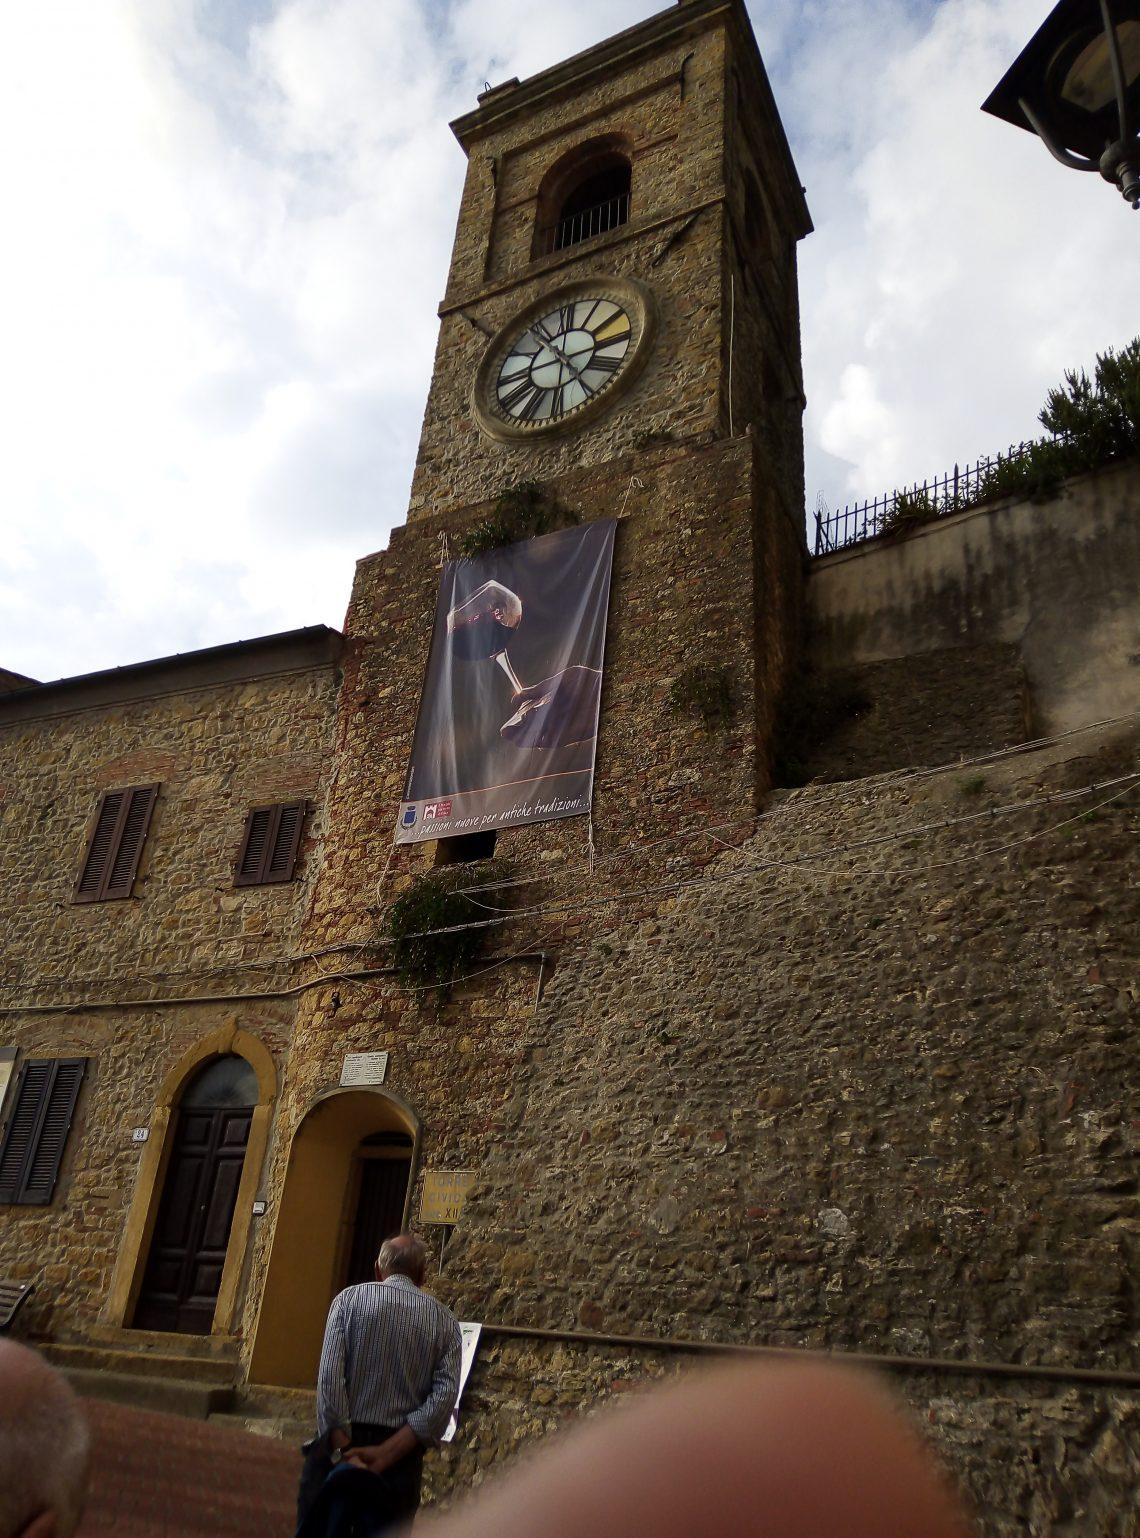 14 - 18 ottobre 2019 - Trekking in Toscana - Auser